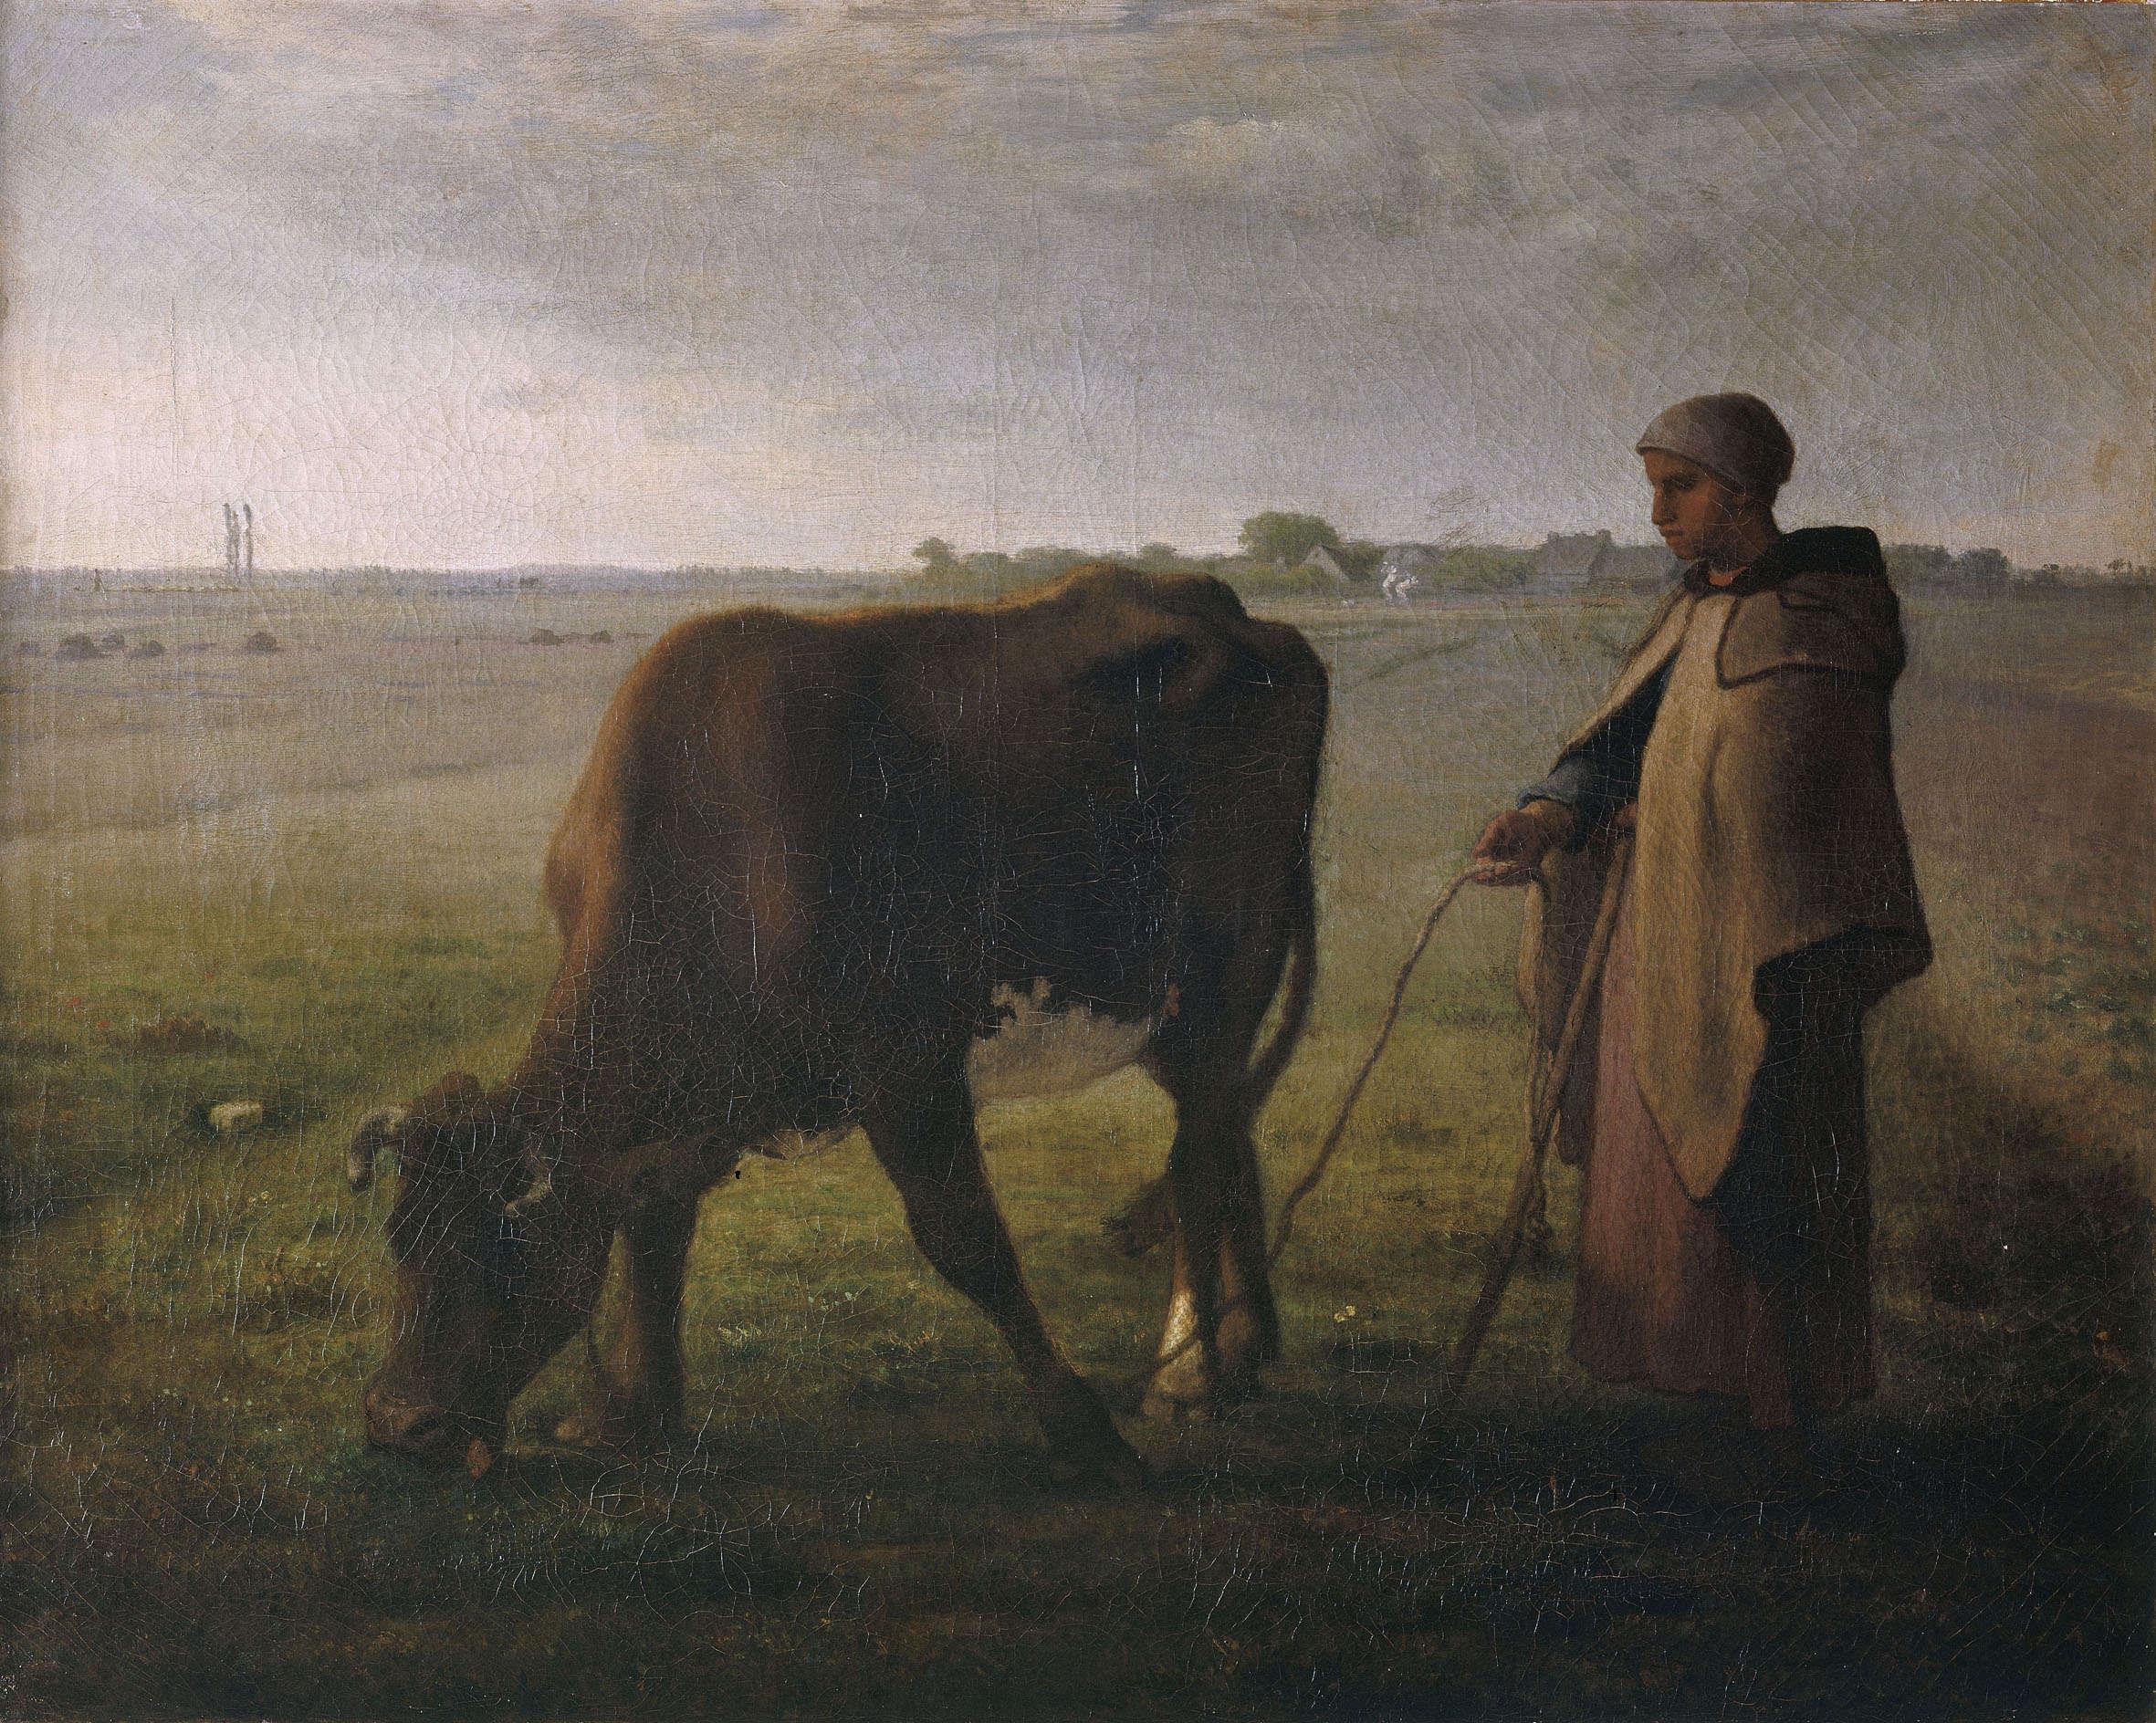 """«""""Que vous fait ressentir à vous, la vue de cette jeune femme à l'air idiot, aux vêtements en guenilles, qui tient par une méchante corde une vache malingre dont l'échine perce la peau?"""" La critique se déchaîna en 1859, ne voulant ou ne pouvant comprendre que Millet avait voulu peindre cette scène dans toute sa vérité– celle d'une pauvre enfant faisant paître sa vache, son seul bien, avec le sérieux qui s'imposait à elle.»"""